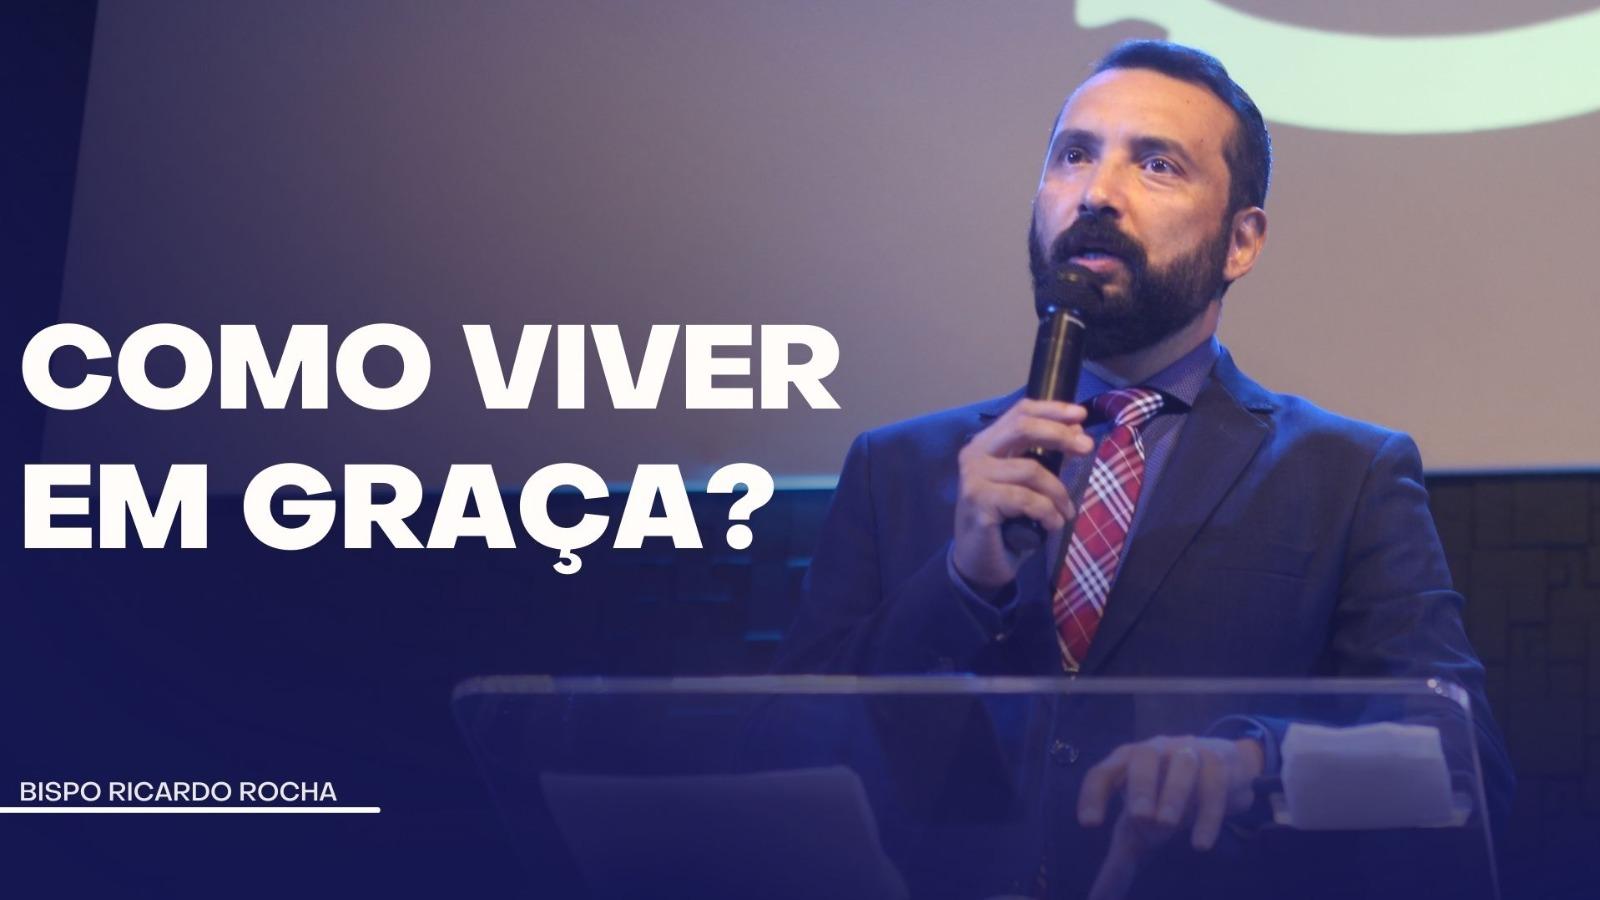 COMO VIVER EM GRAÇA?